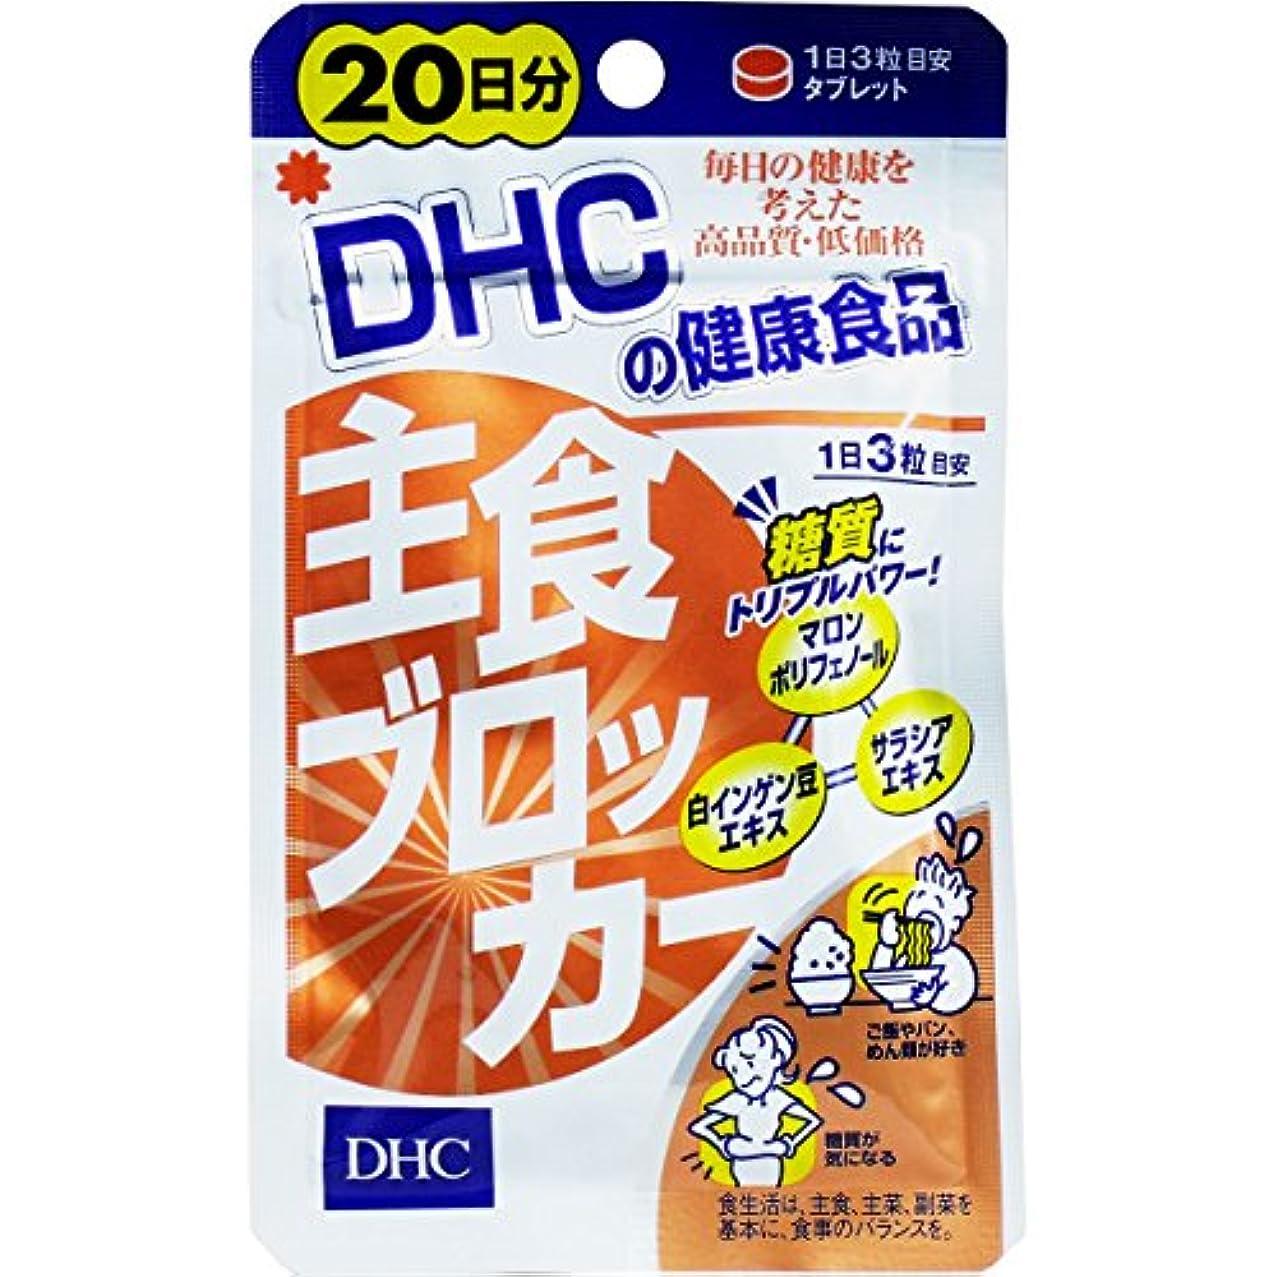 課すノーブル手順お得な6個セット 炭水化物が好きな方へオススメ DHC 主食ブロッカー 20日分(60粒)